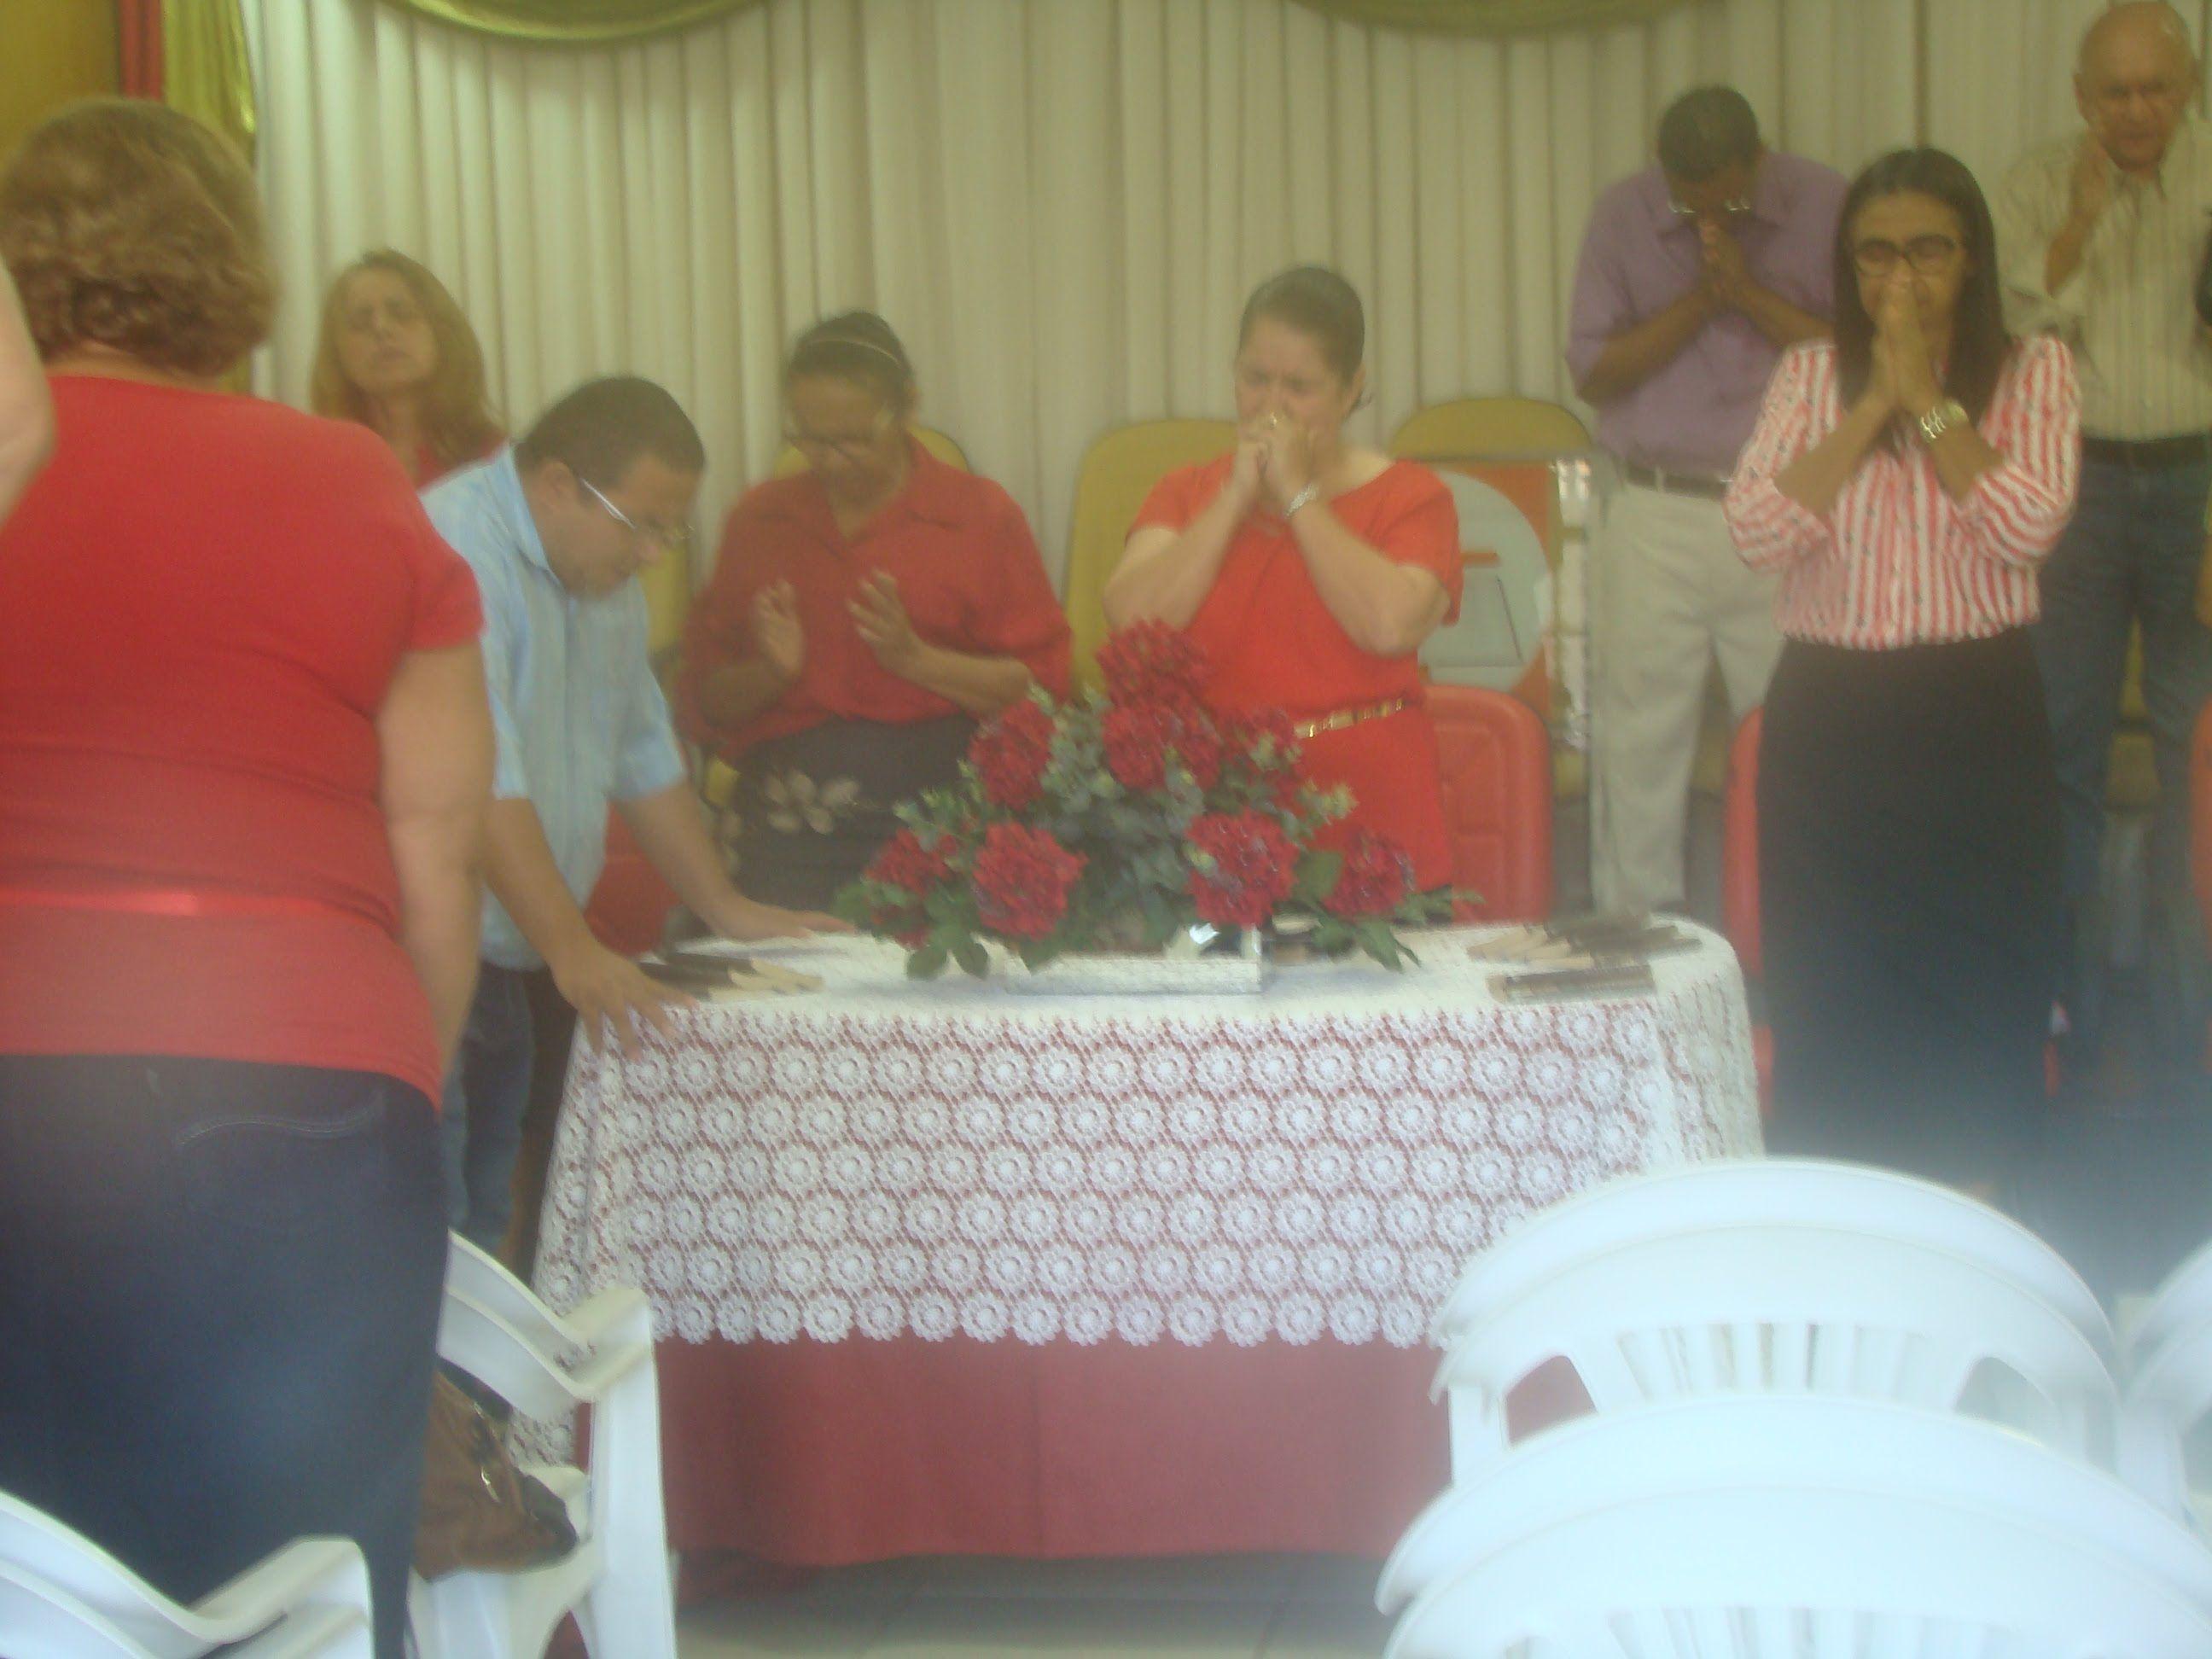 CÍRCULO DE ORAÇÃO - Intercessões e Ação de Graças